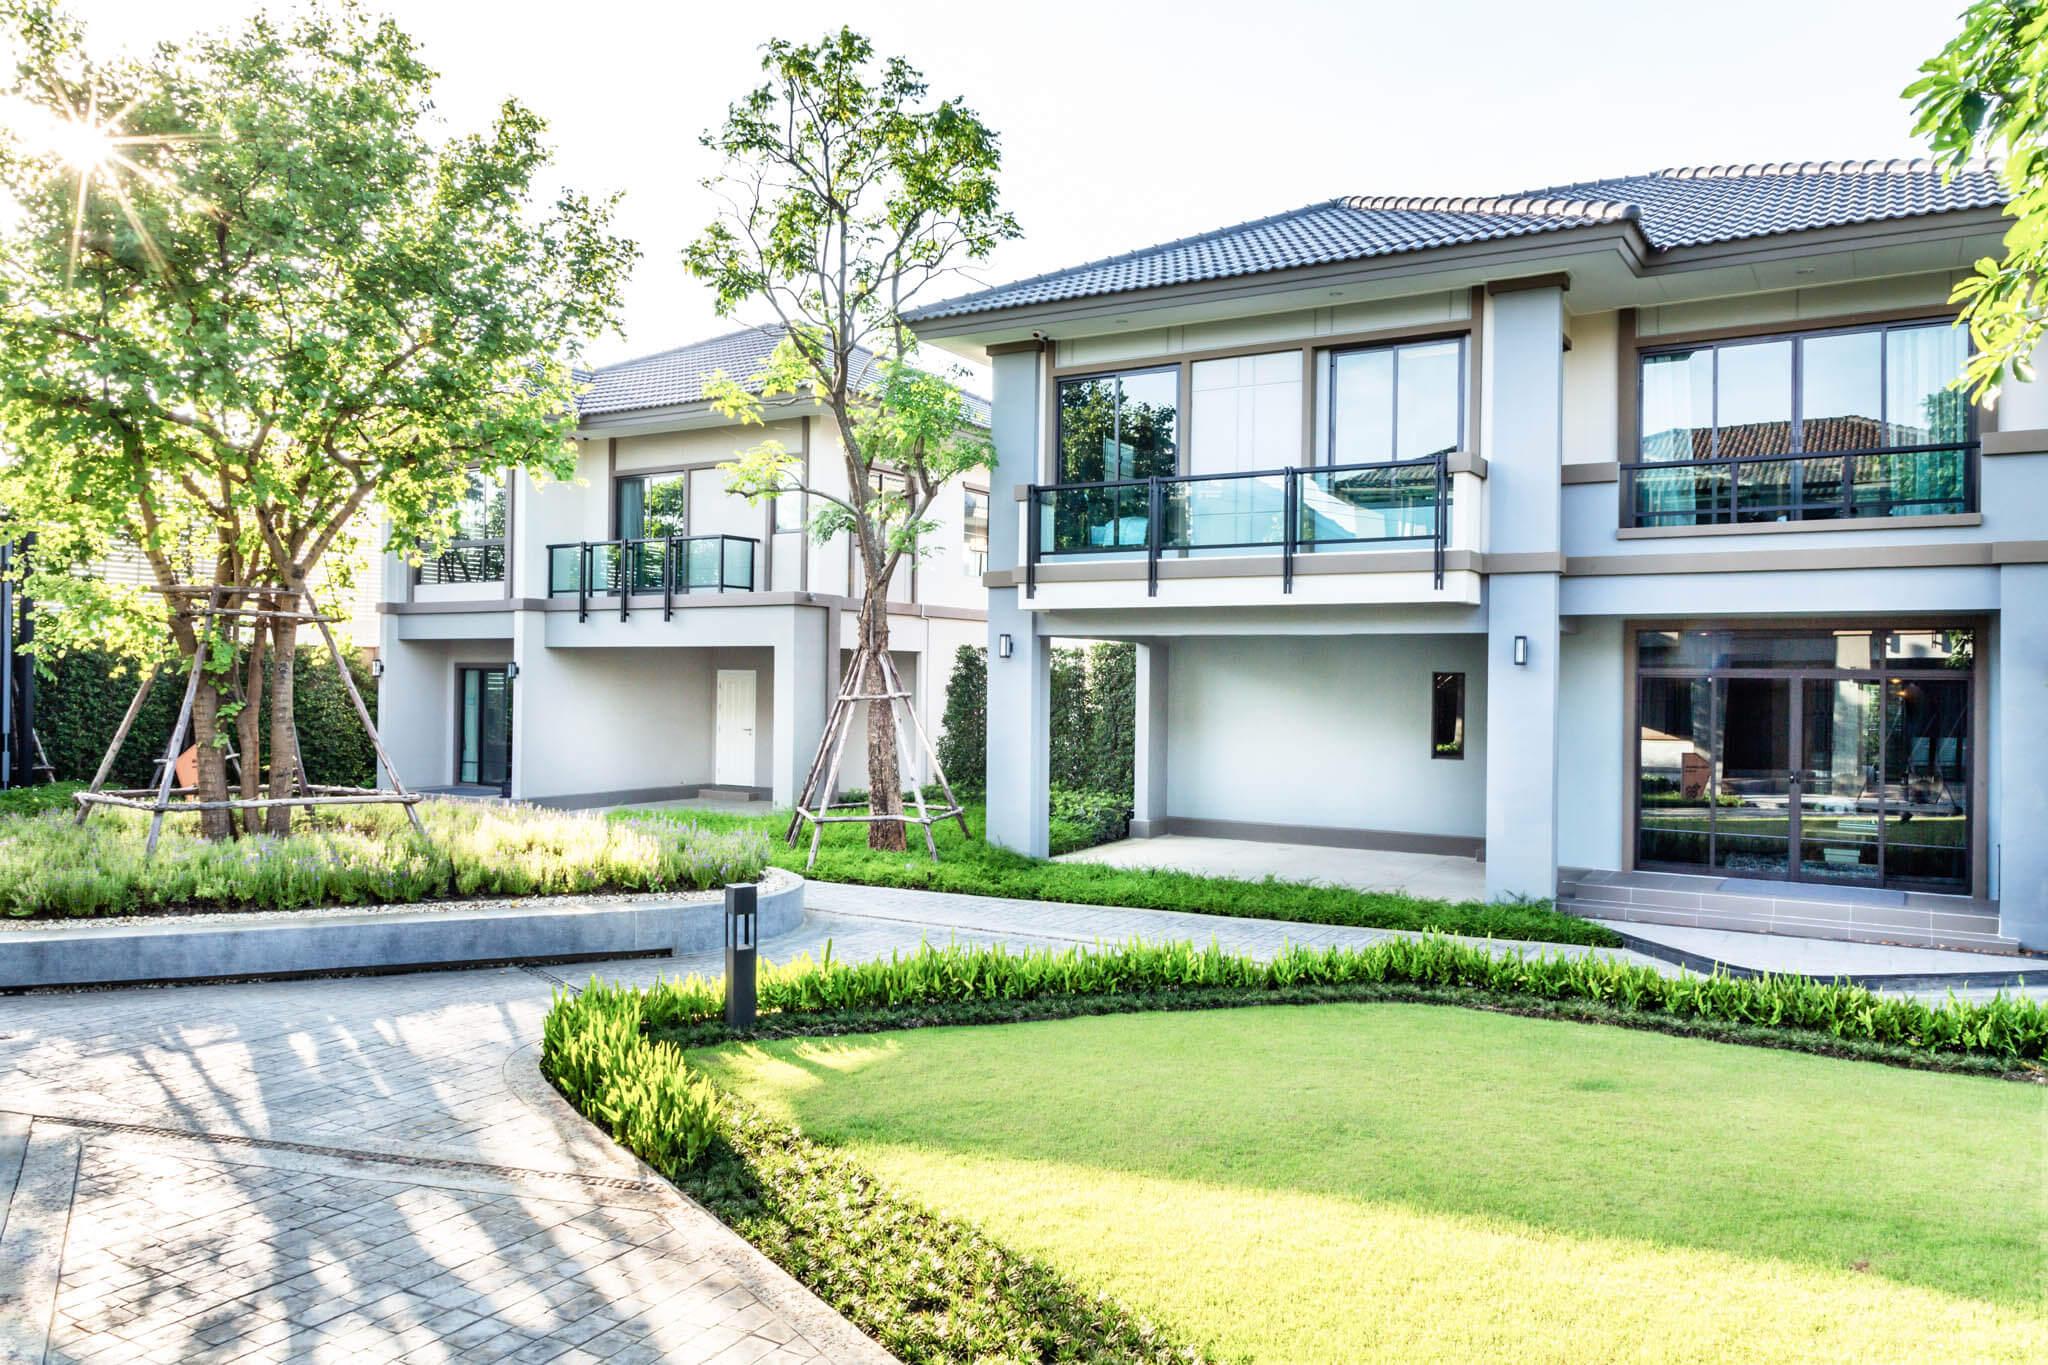 """รู้ก่อนซื้อบ้าน """"ภูมิสถาปัตยกรรม"""" สำคัญกับชีวิตอย่างไร? สัมภาษณ์ภูมิสถาปนิก RAFA 38 - Architect"""